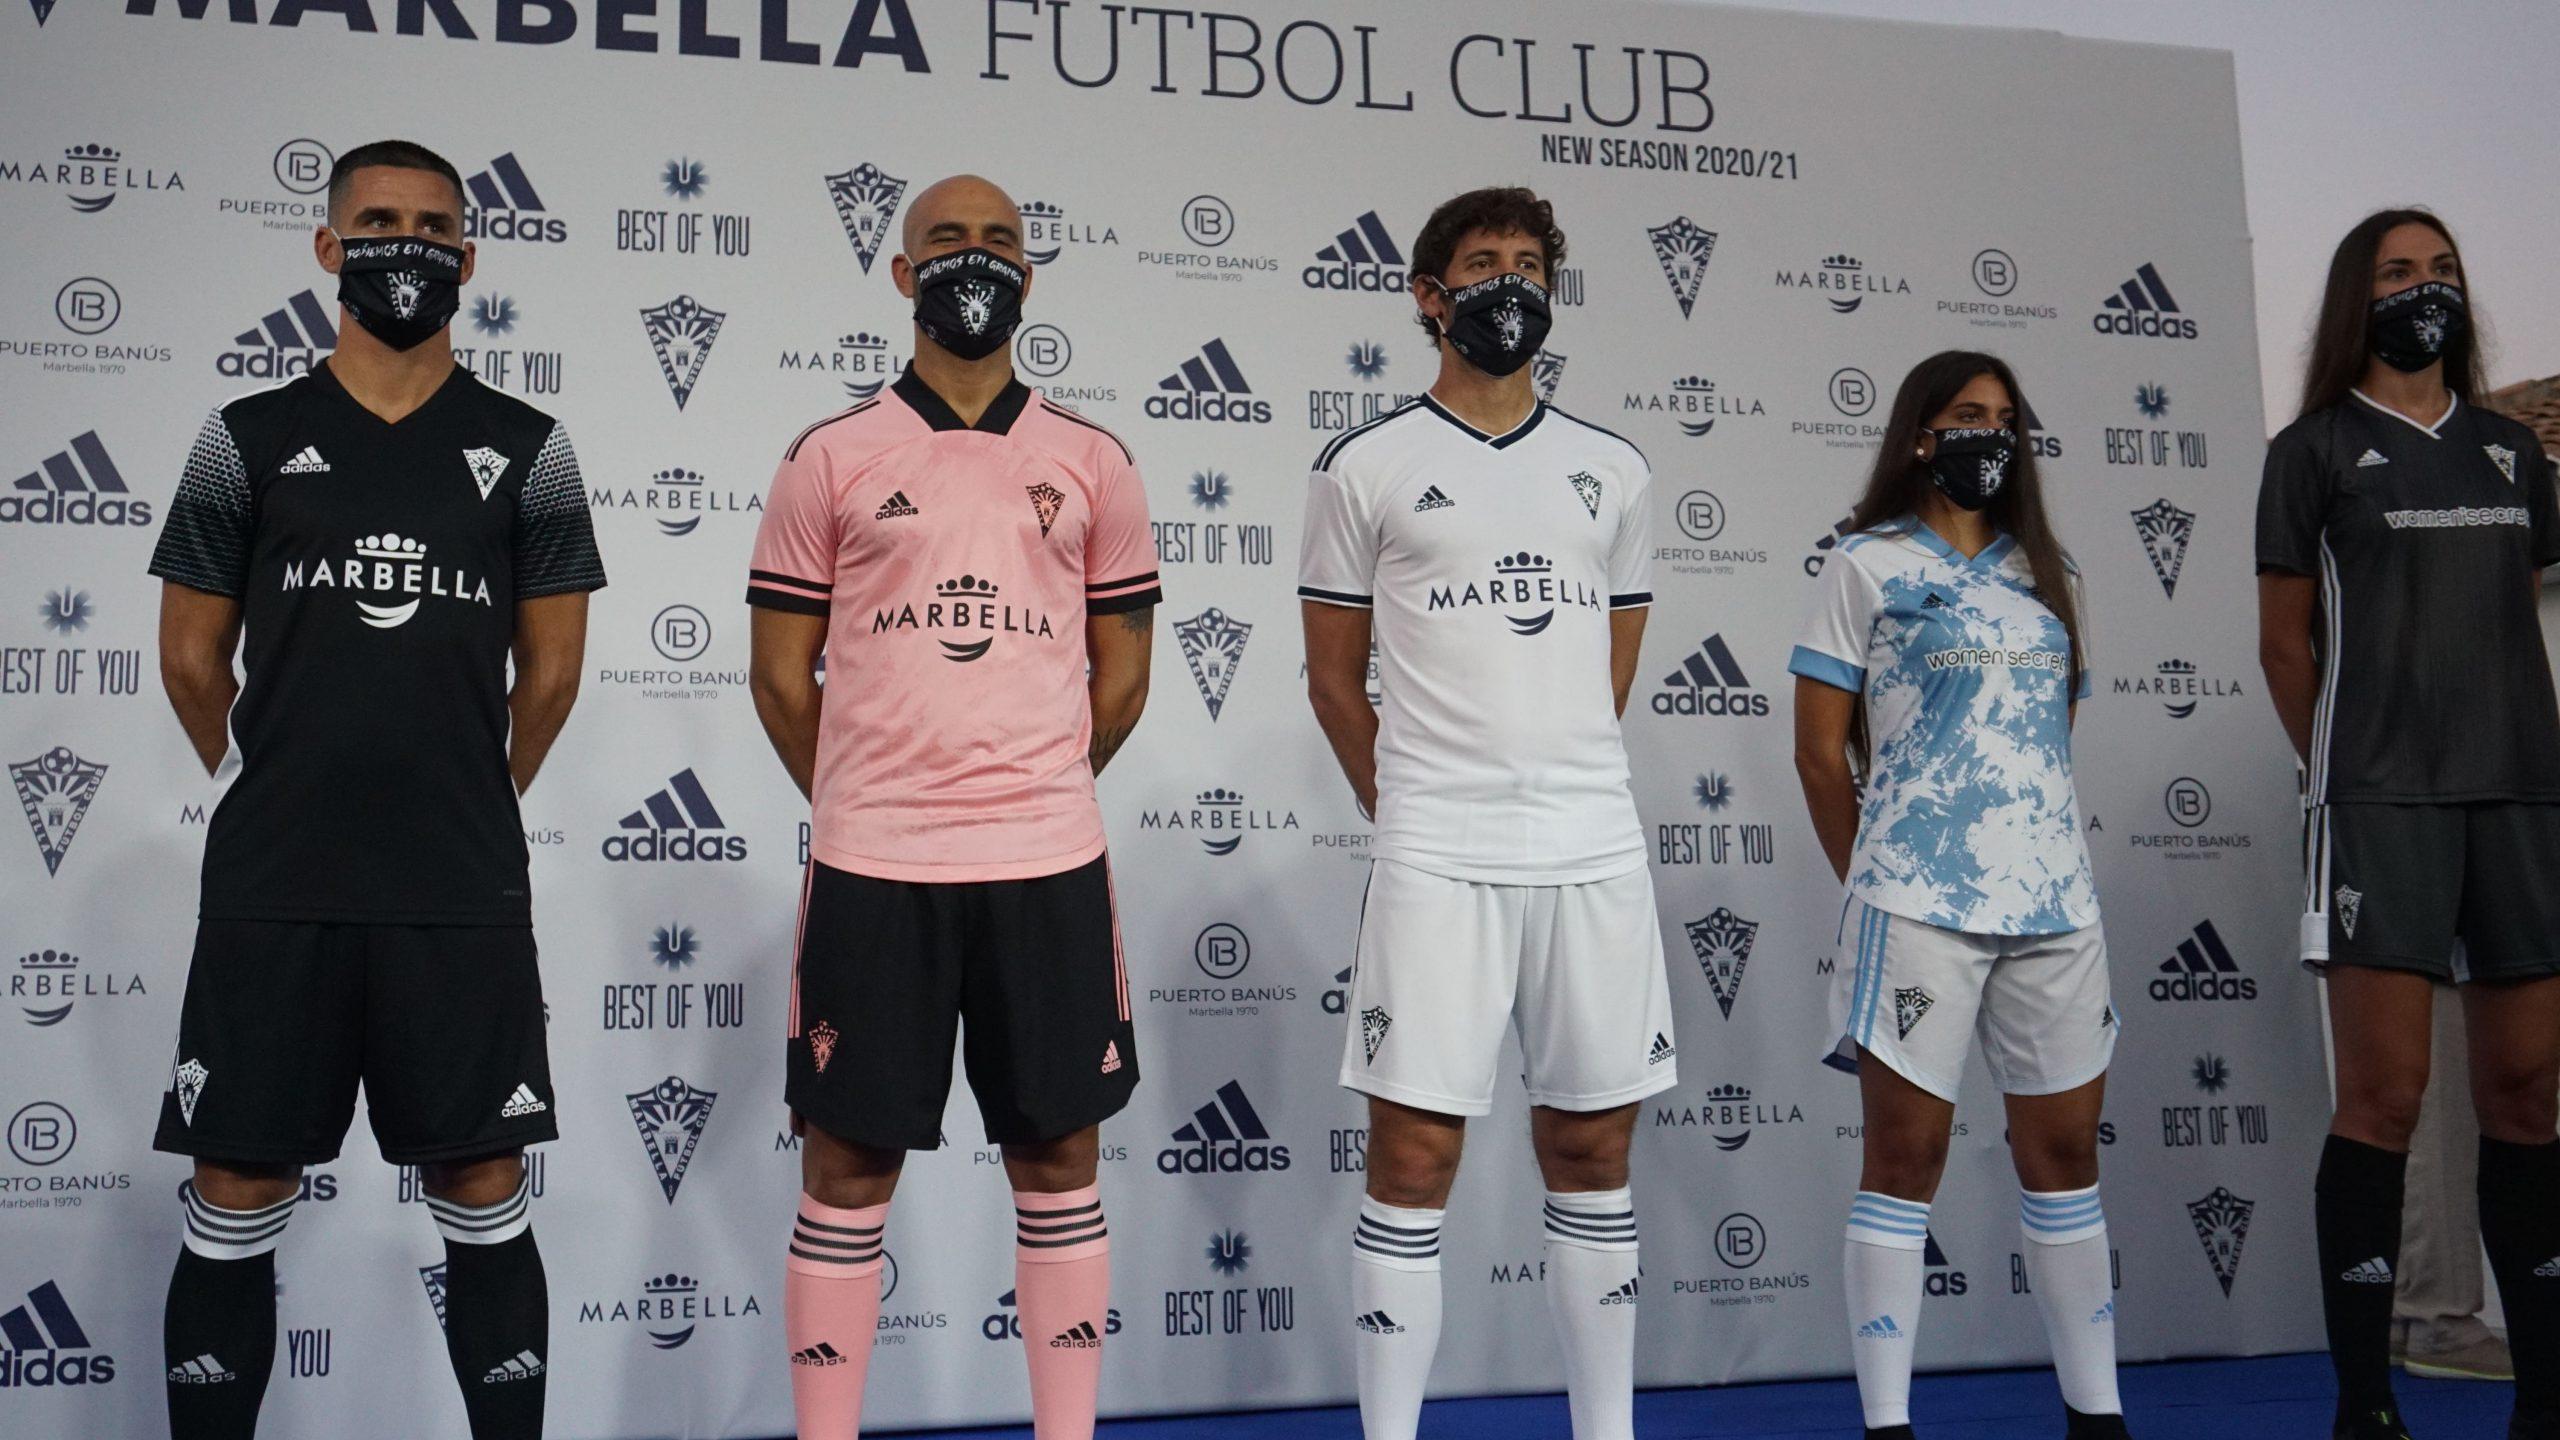 ElMarbella F.C.presentó las nuevas equipaciones oficiales Adidas de la temporada 2020-2021